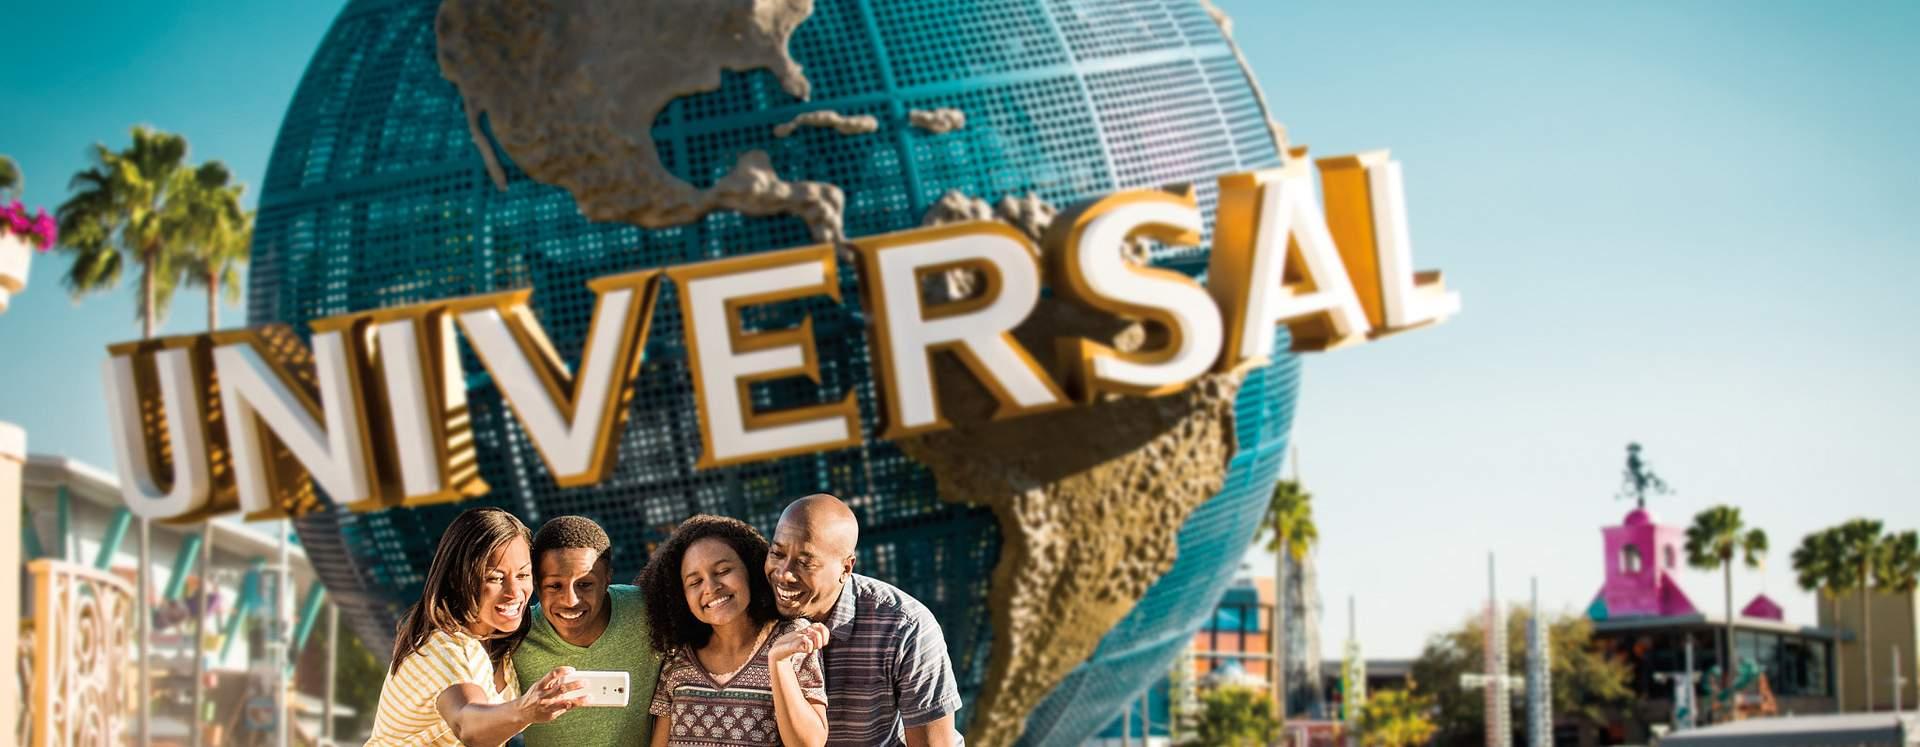 Familia tomándose una foto frente del globo terráqueo en Universal Orlando